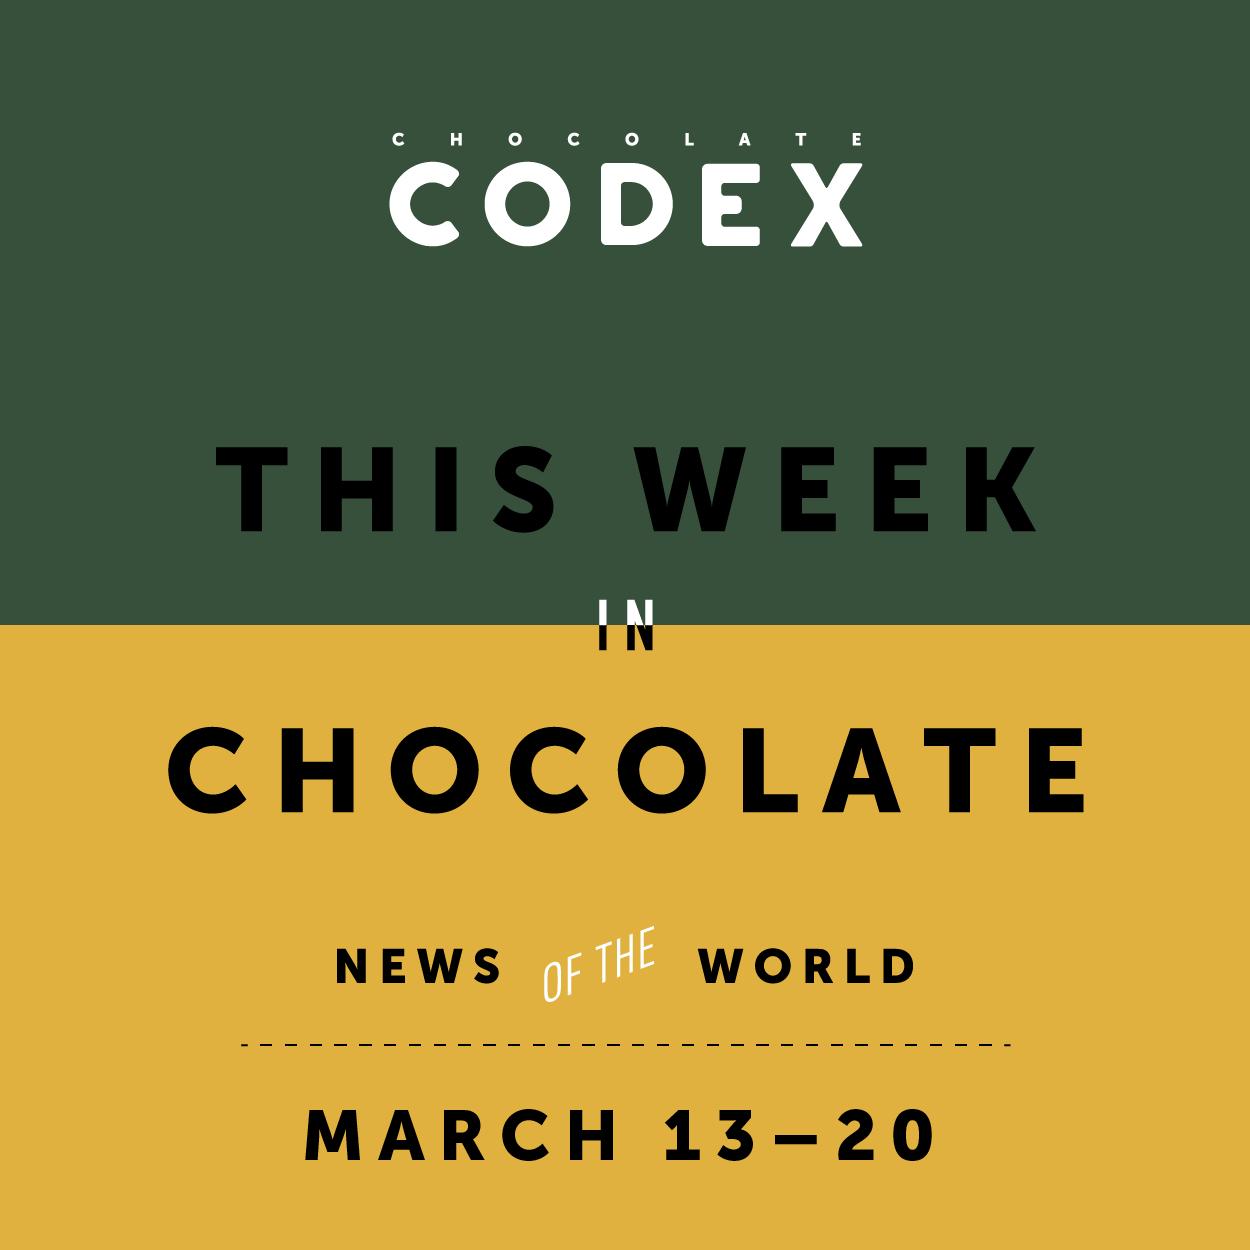 ChocolateCodex_ThisWeek_Chocolate_News_2016_12-01